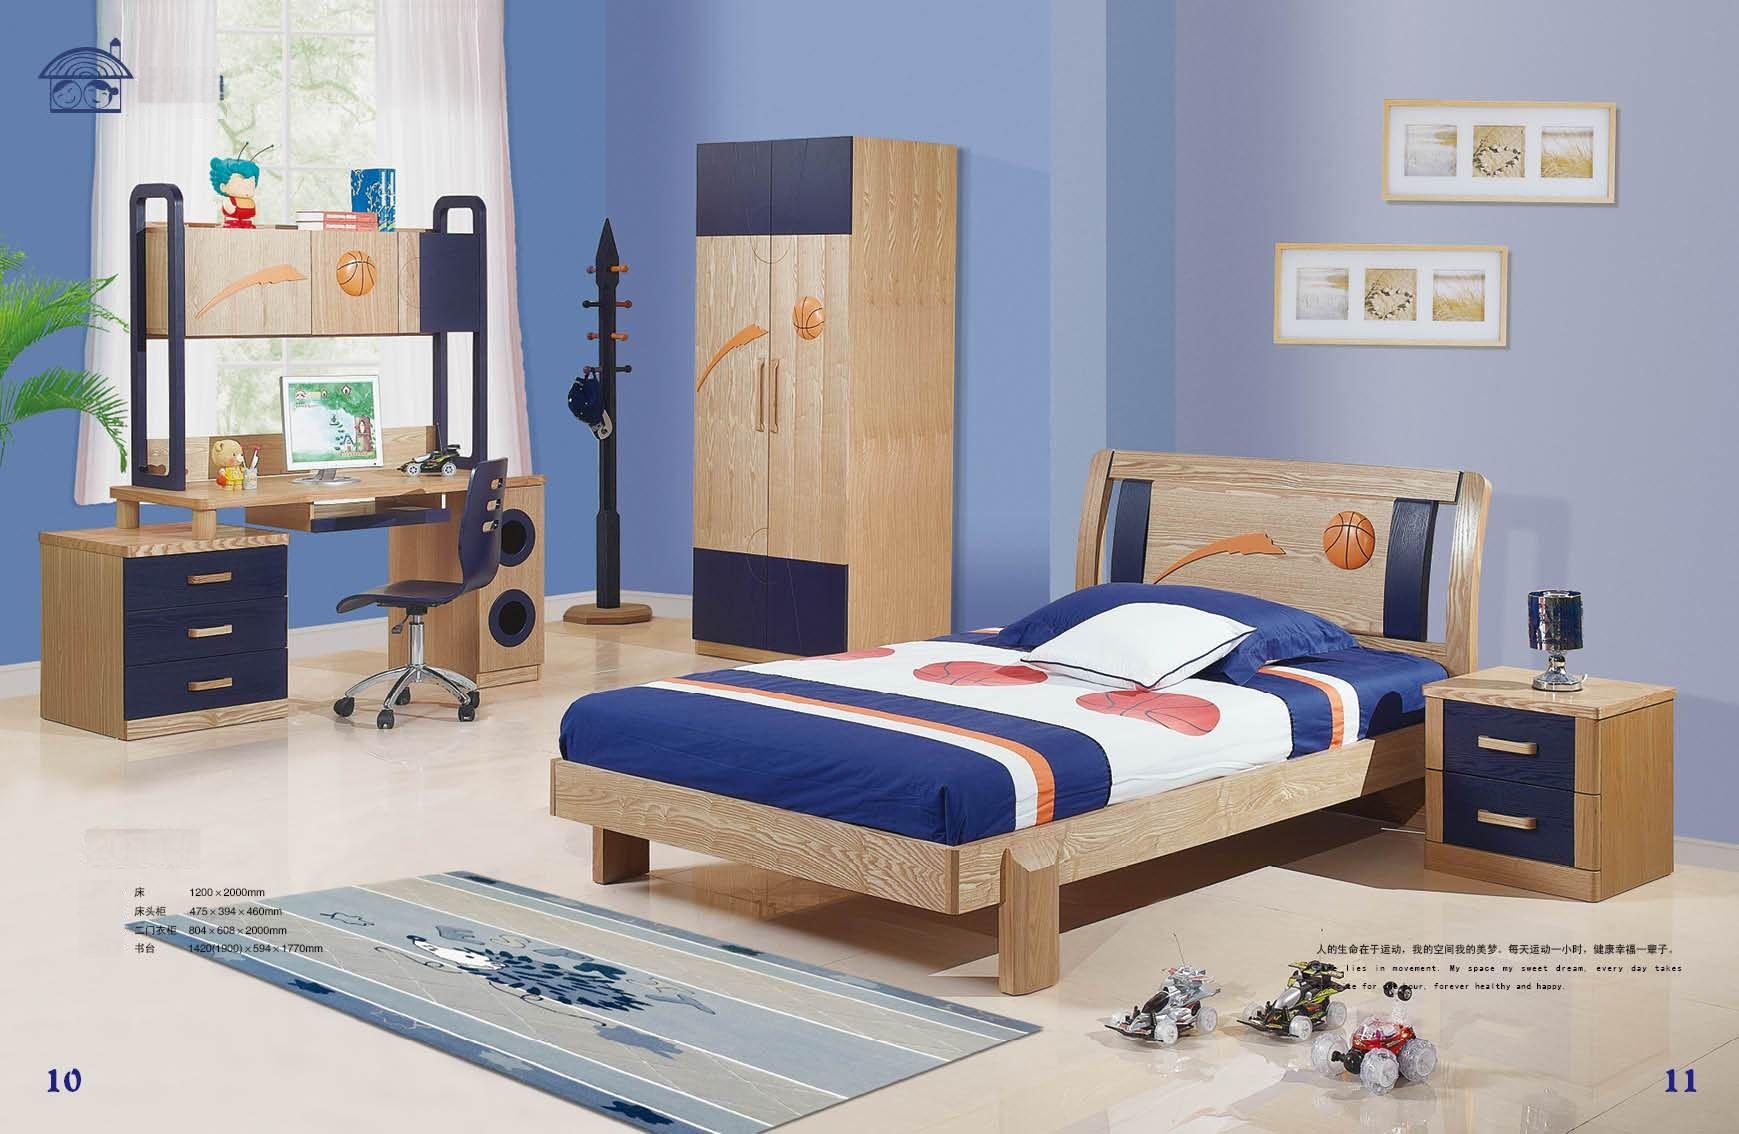 Youth Bedroom Furniture Kids Bedroom Set JKD 20120 China Kids BedroomKids Furniture